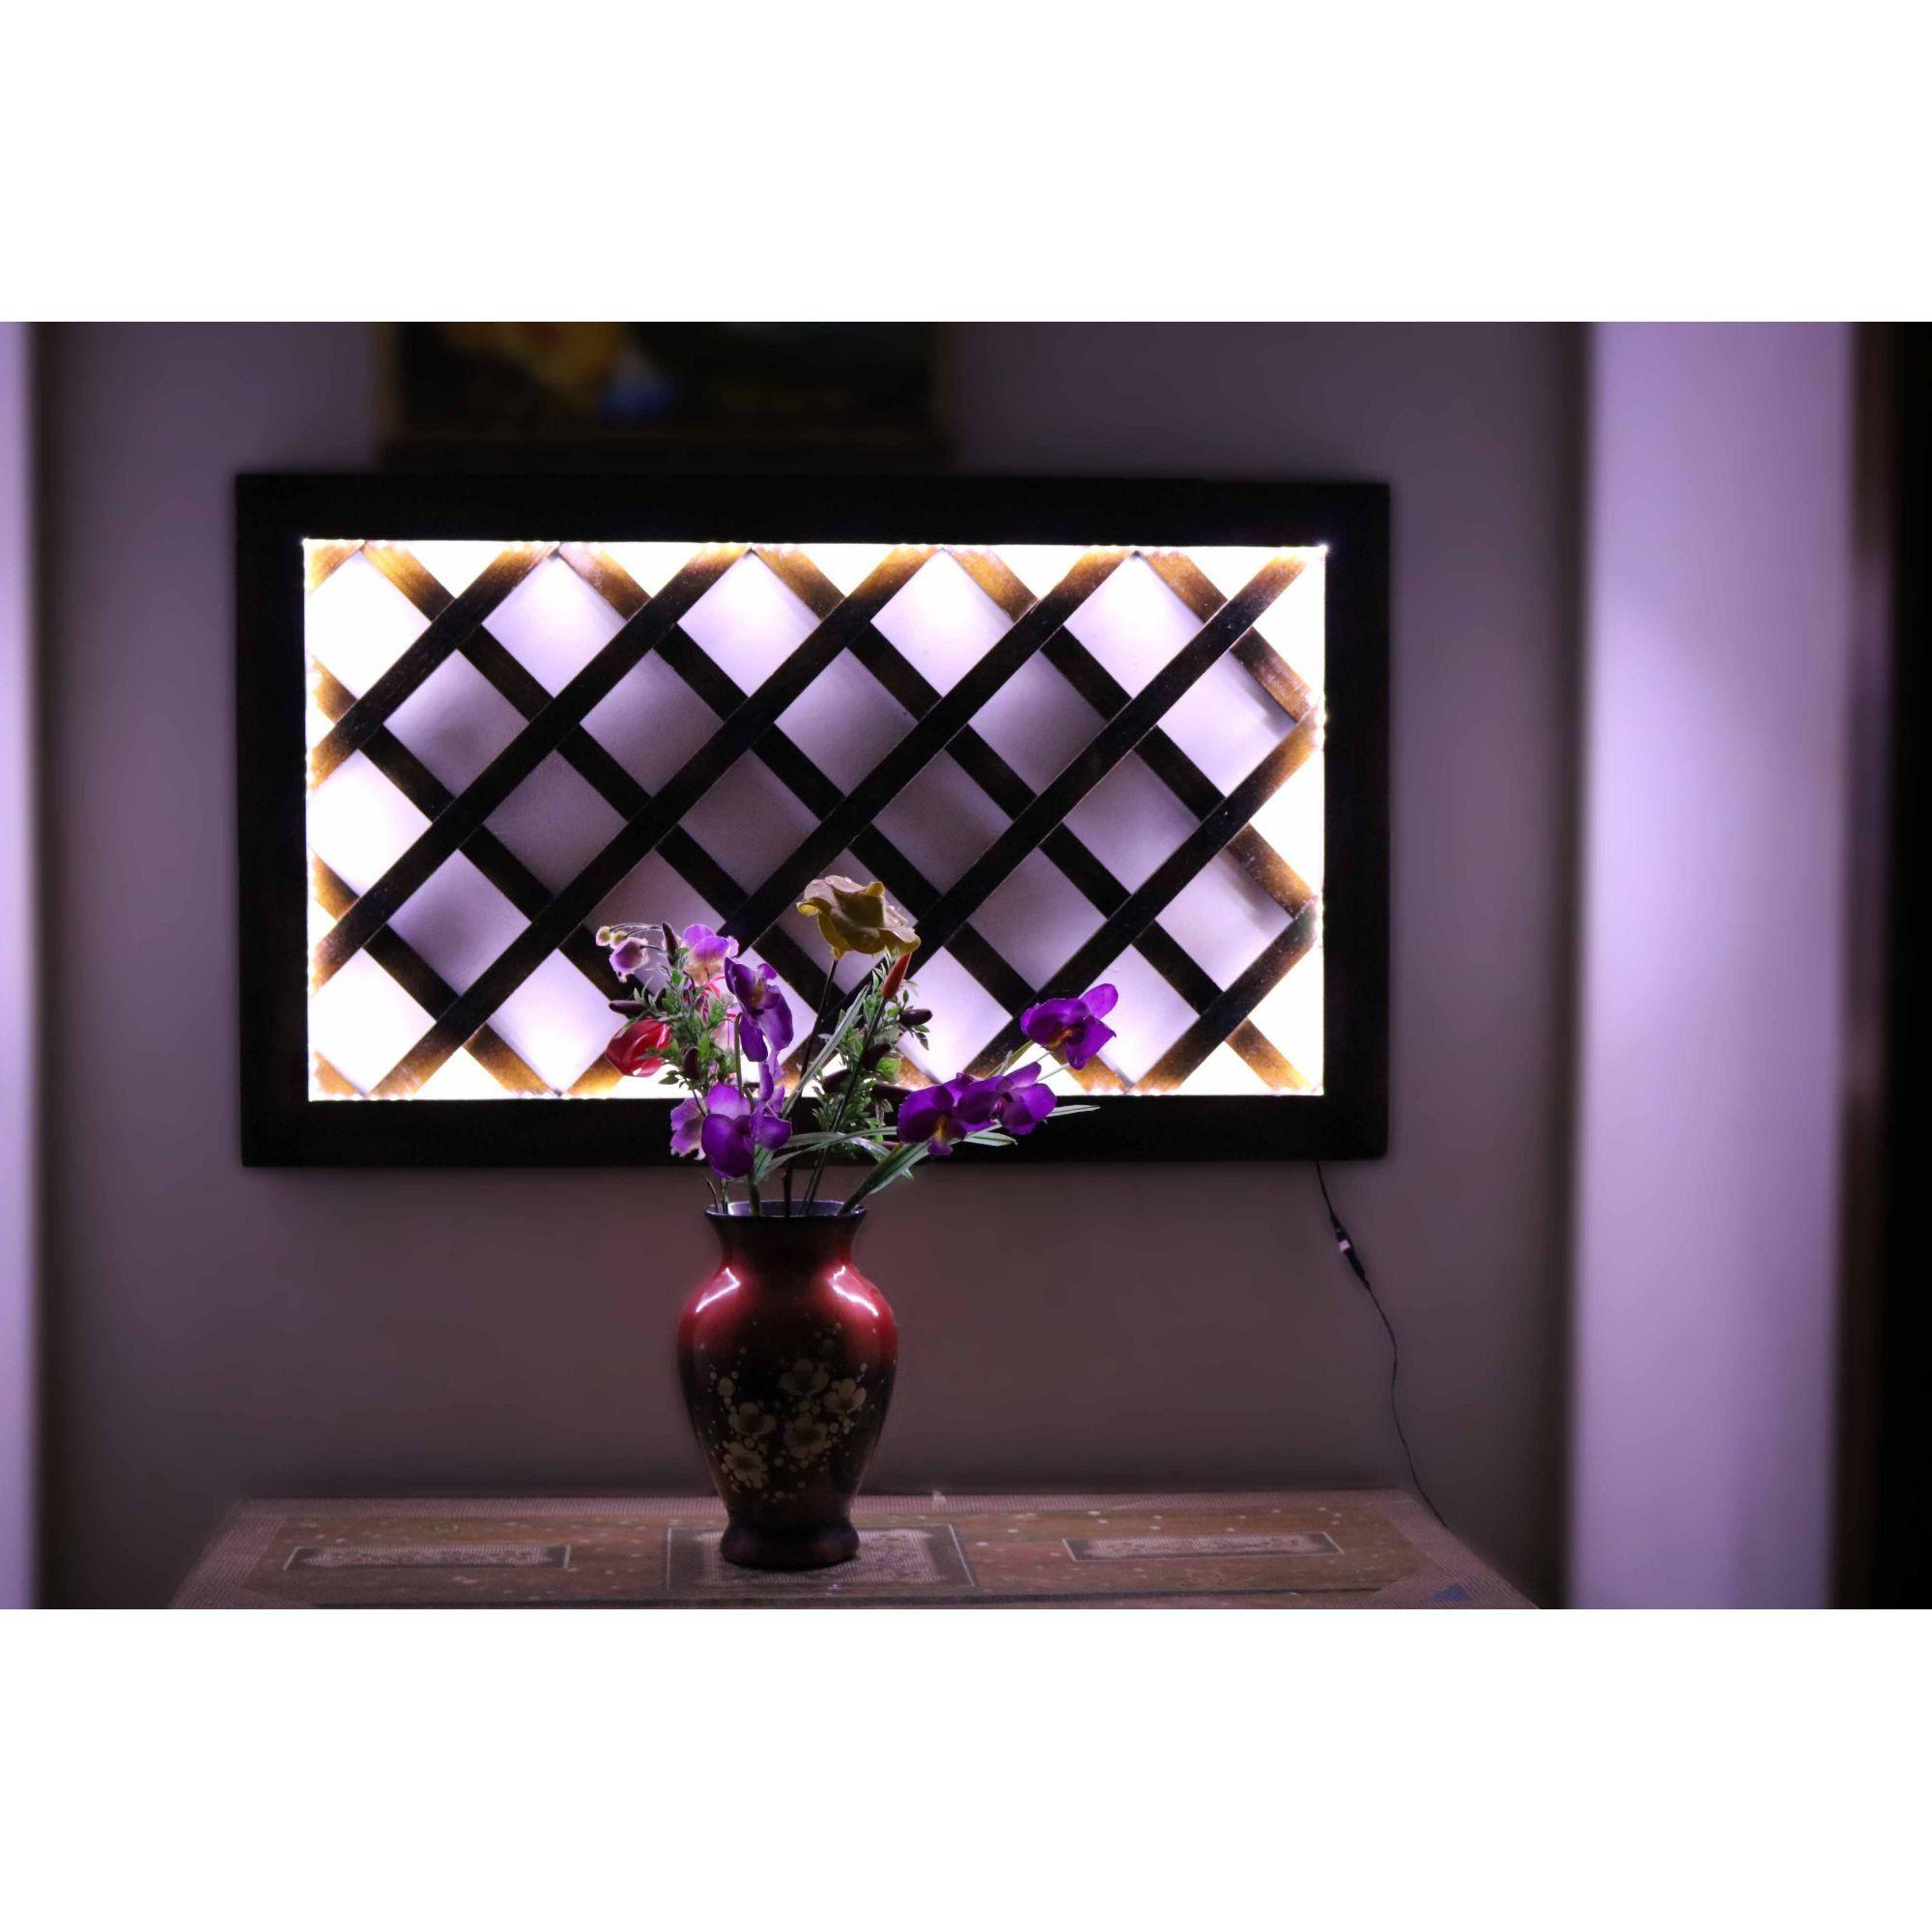 Treliça de Madeira 60cm x 100cm com iluminação decorativa em LED Bivolt